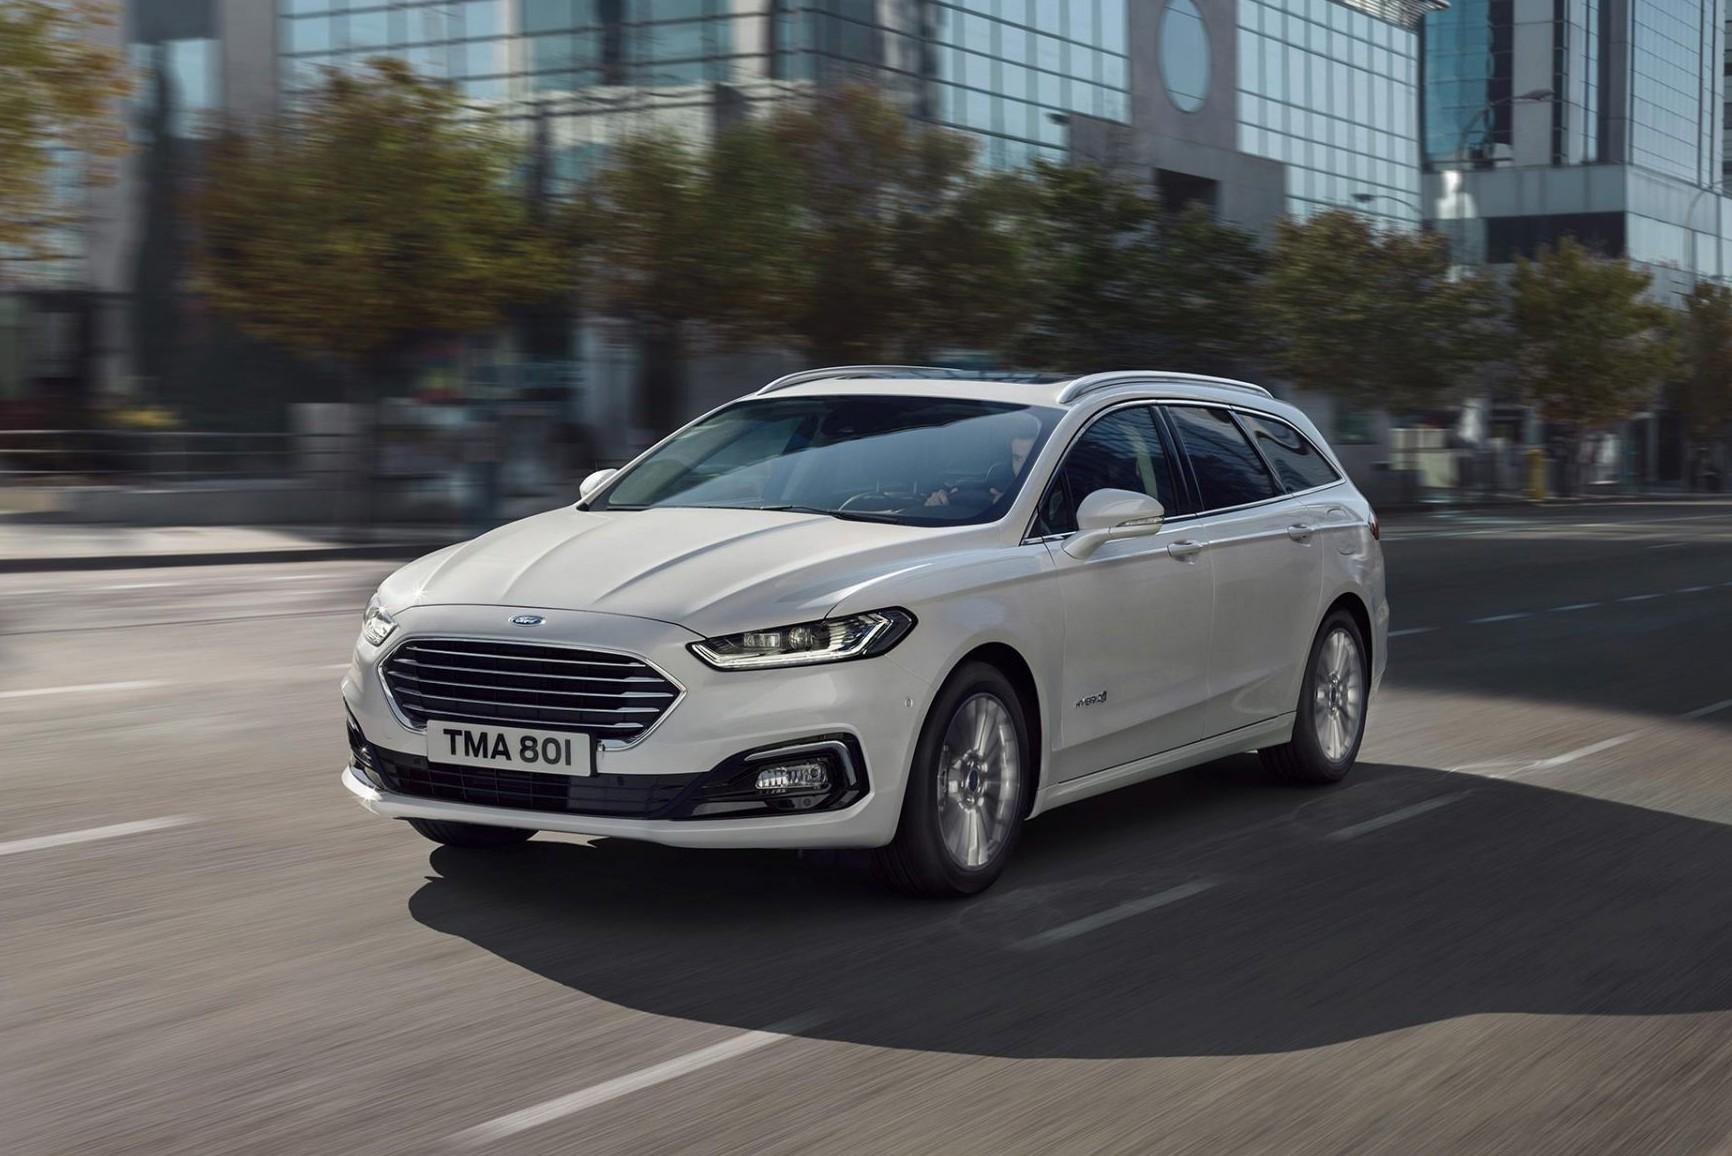 Nye Ford Mondeo Hybrid stasjonsvogn med god plass